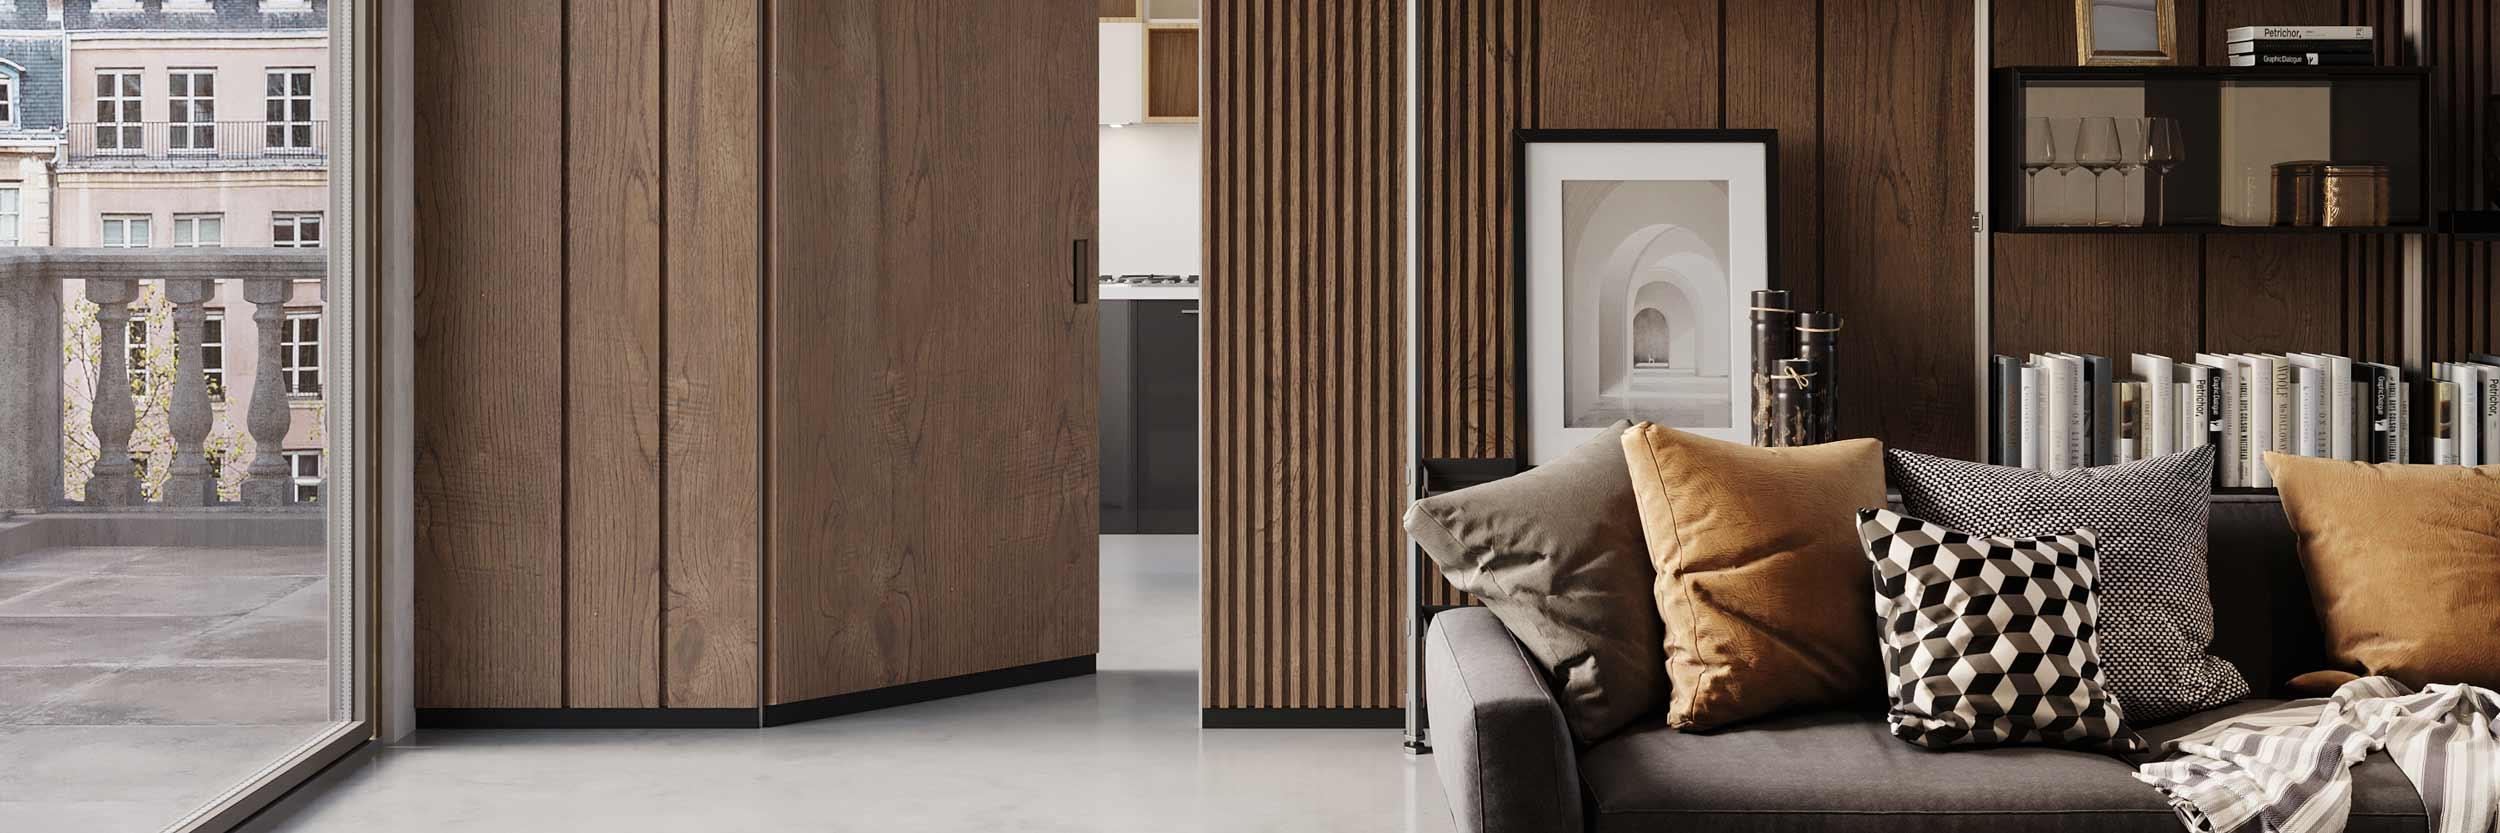 Vista di dettaglio di una porta in legno cieca con zoccolino incassato